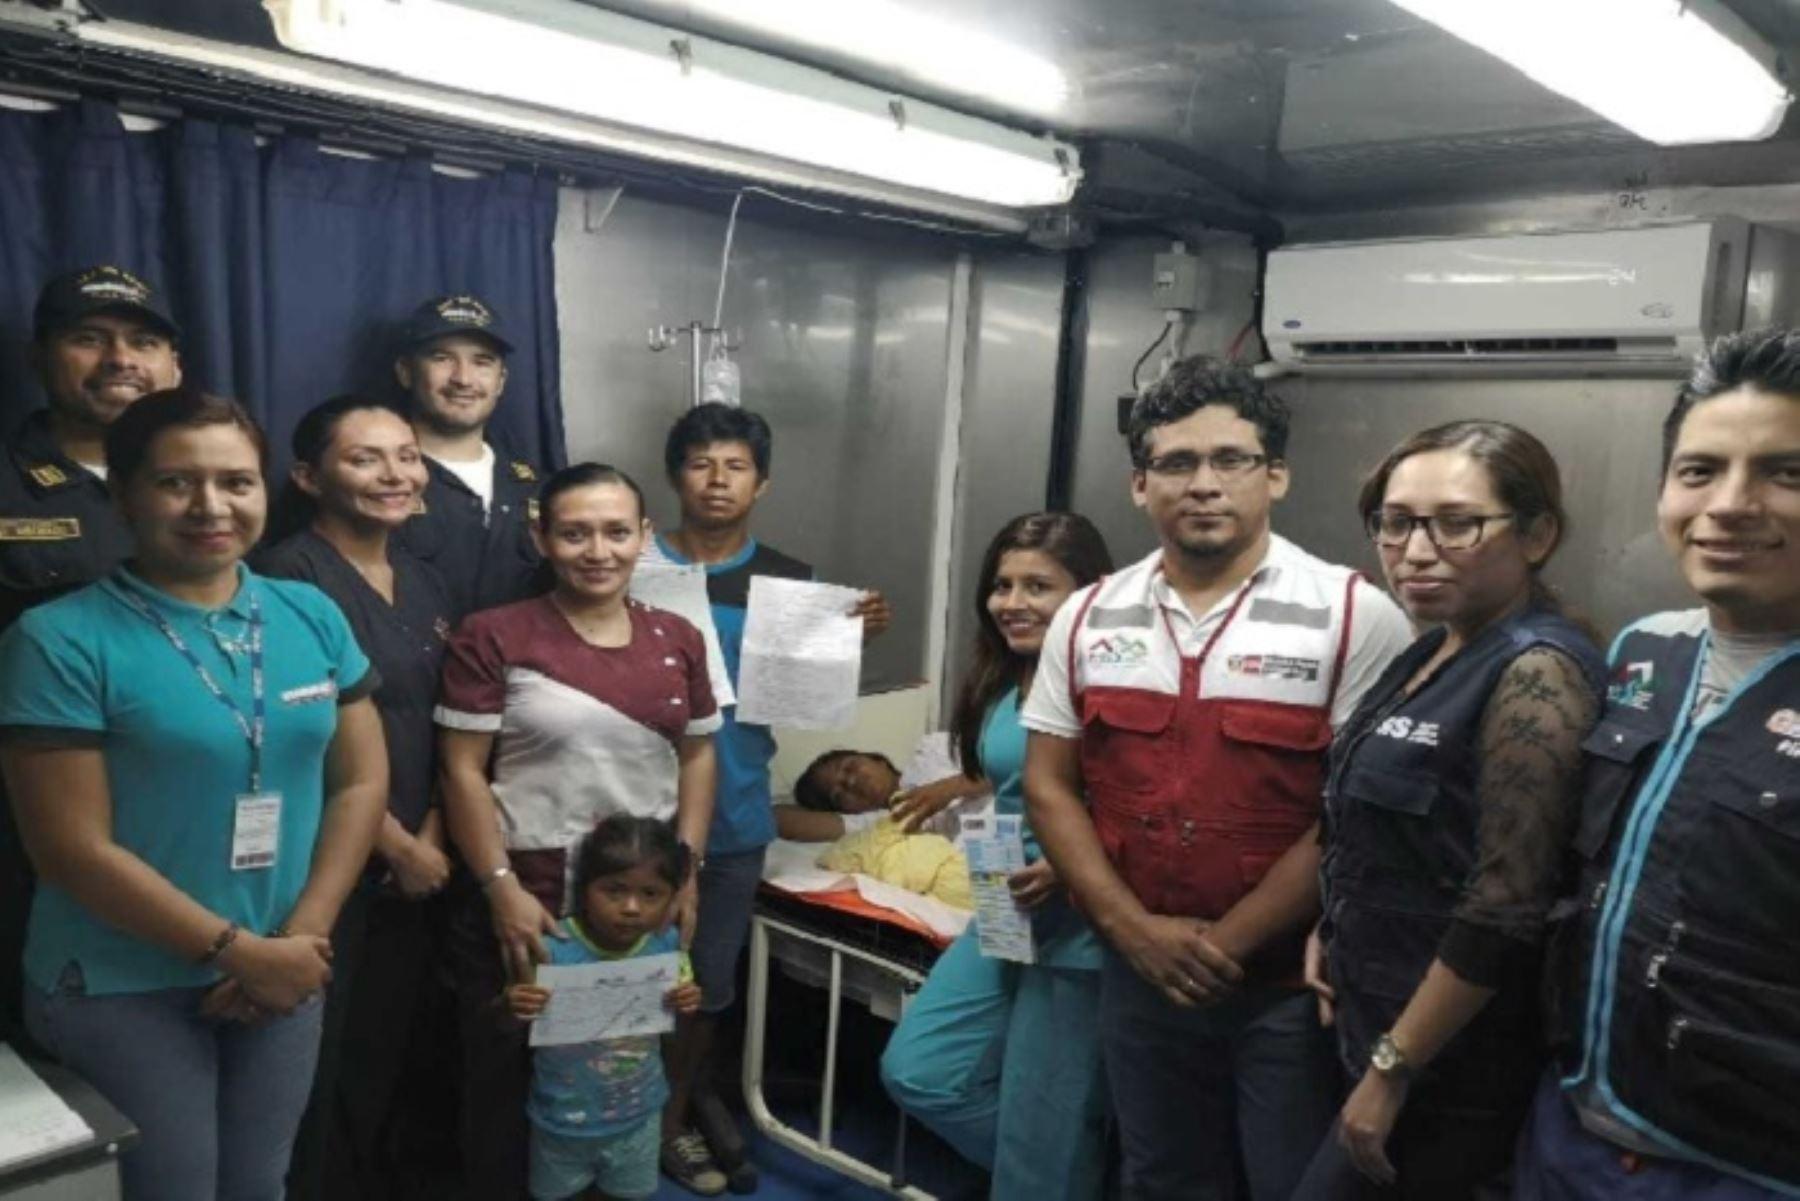 Más de 86 mil atenciones sociales a pobladores de comunidades nativas de Loreto, Ucayali y Puno ha realizado el Ministerio de Desarrollo e Inclusión Social a través de las Plataformas Itinerantes de Acción Social (PIAS) y Buques de Armada Peruana (BAPs) del Programa Nacional PAIS. Además, a bordo nacieron 7 bebés.